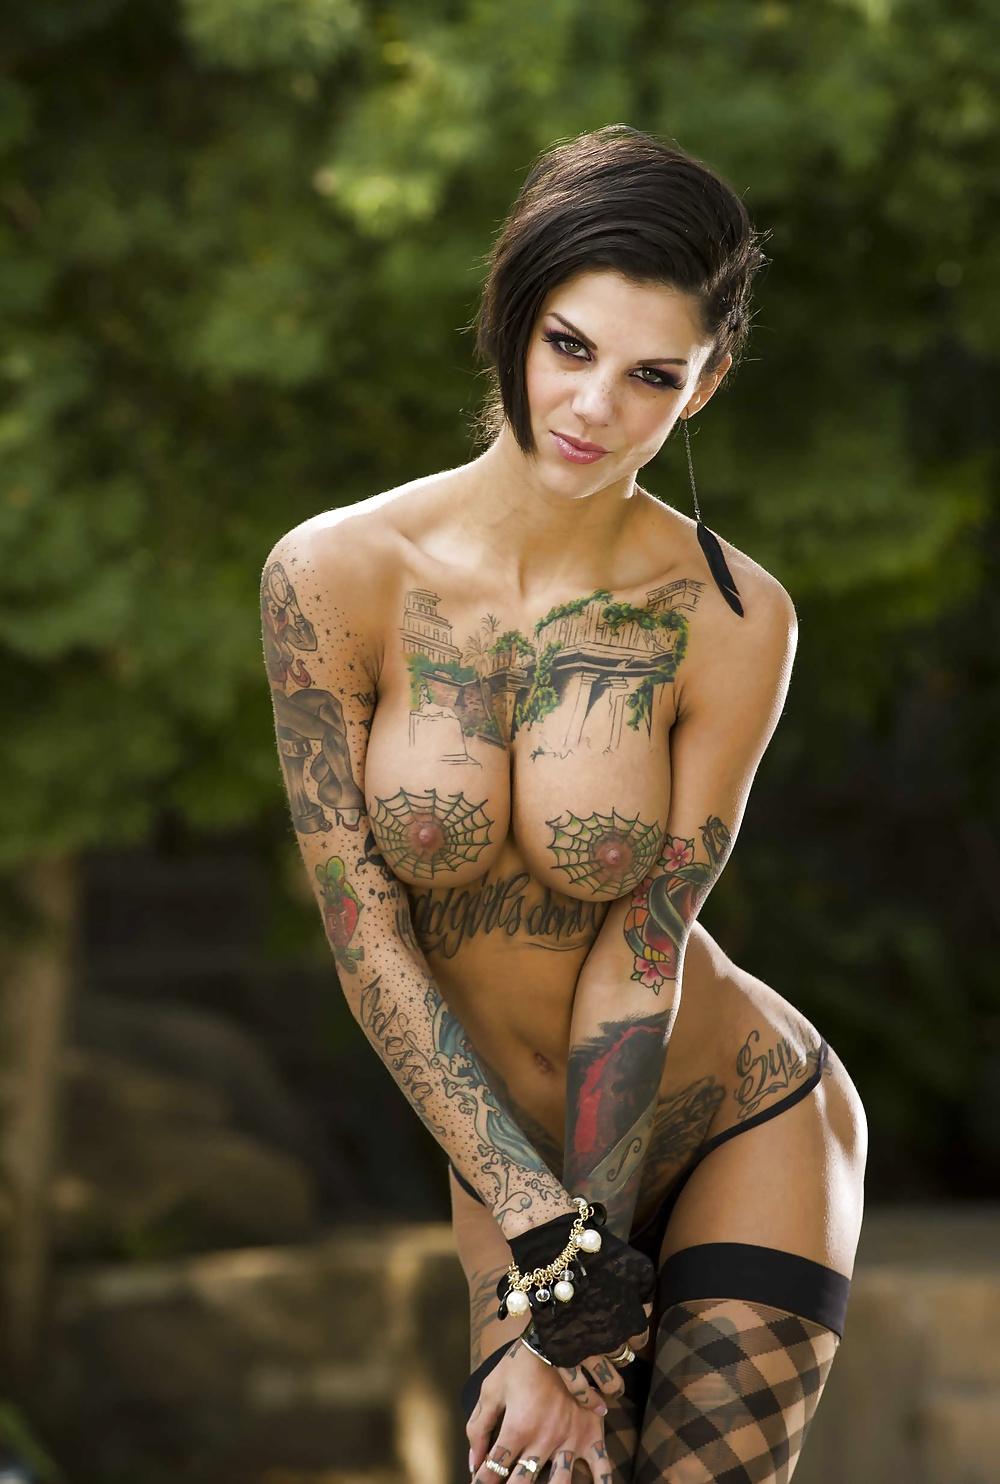 Порнозвезда в татуировках фото